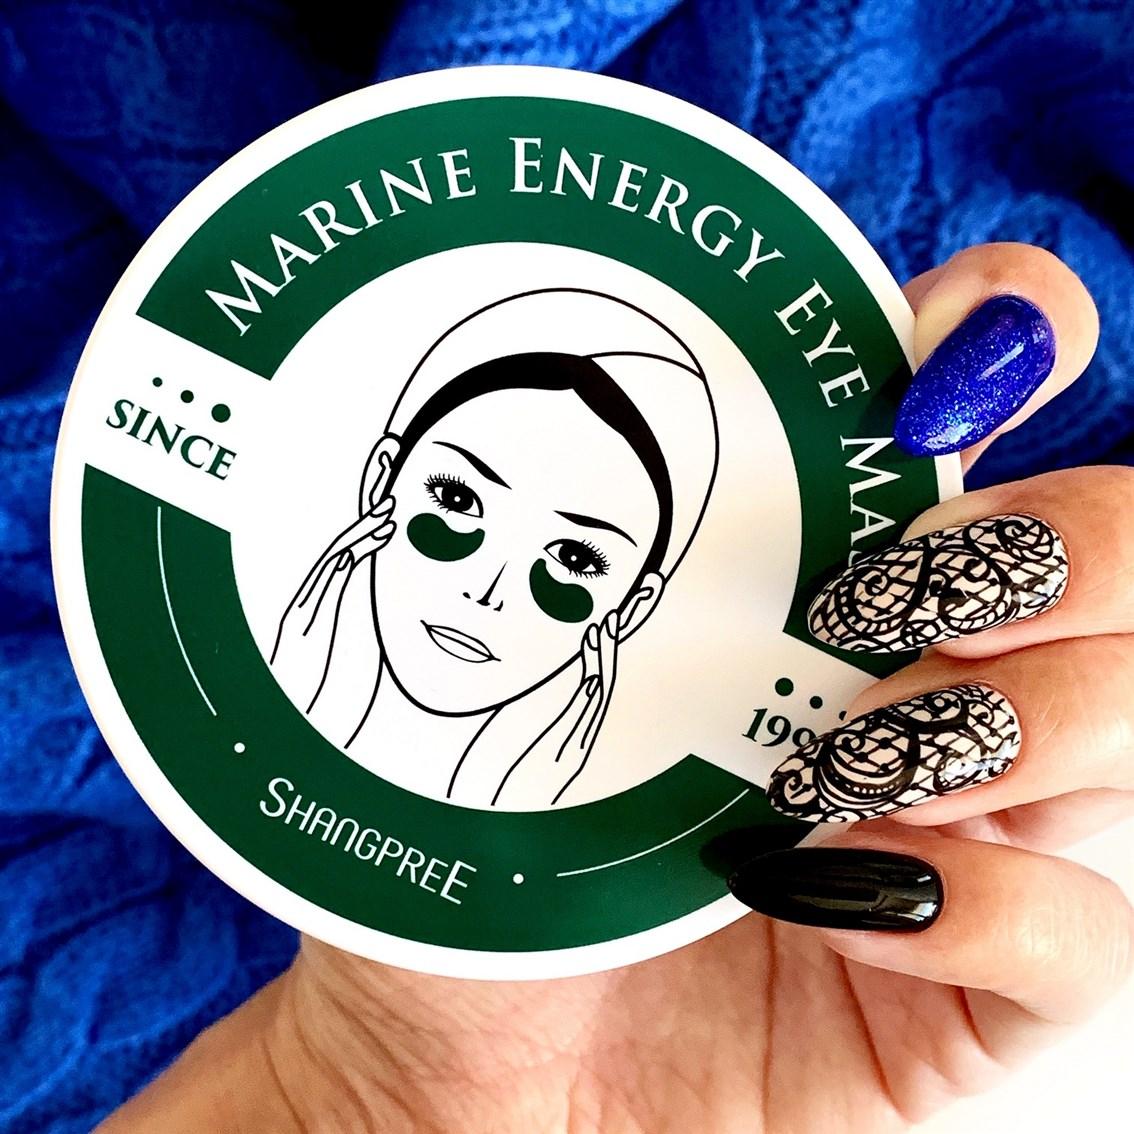 Shangpree Marine Energy Eye Mask  blog